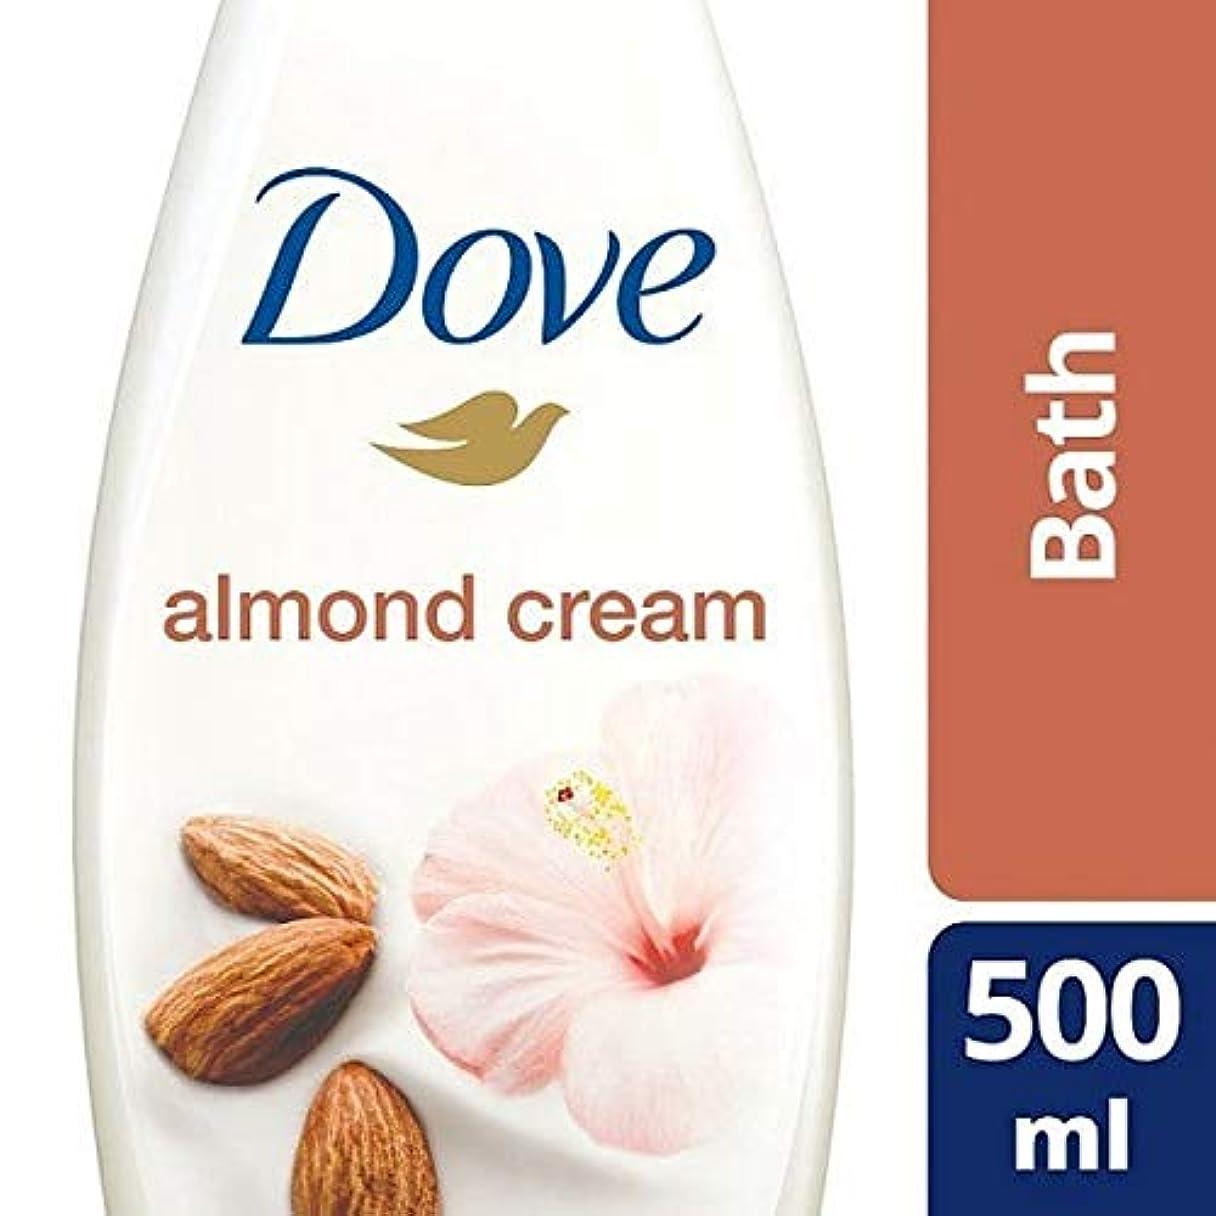 衣装サミュエル悪質な[Dove ] 純粋なアーモンド思いやりのあるクリームバスの500ミリリットルを甘やかす鳩 - Dove Purely Pampering Almond Caring Cream Bath 500ml [並行輸入品]